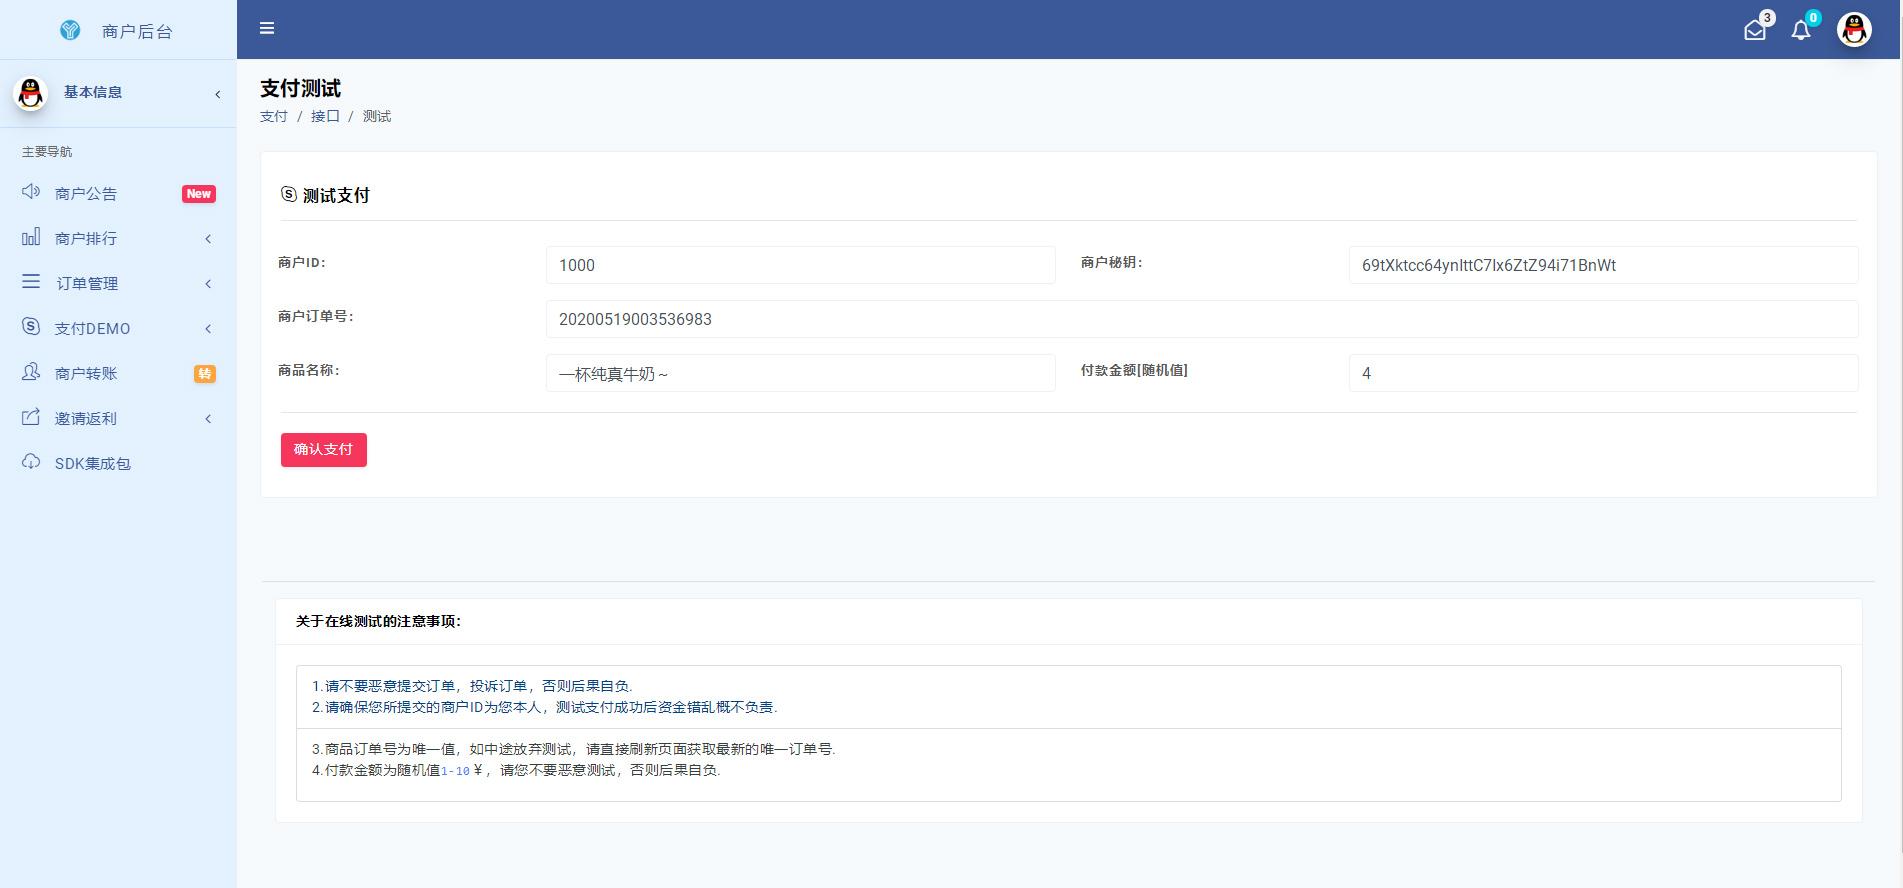 【免签支付】2020.05捷兔云PAY新版开源版三方第四方免签支付网站源码-找主题源码